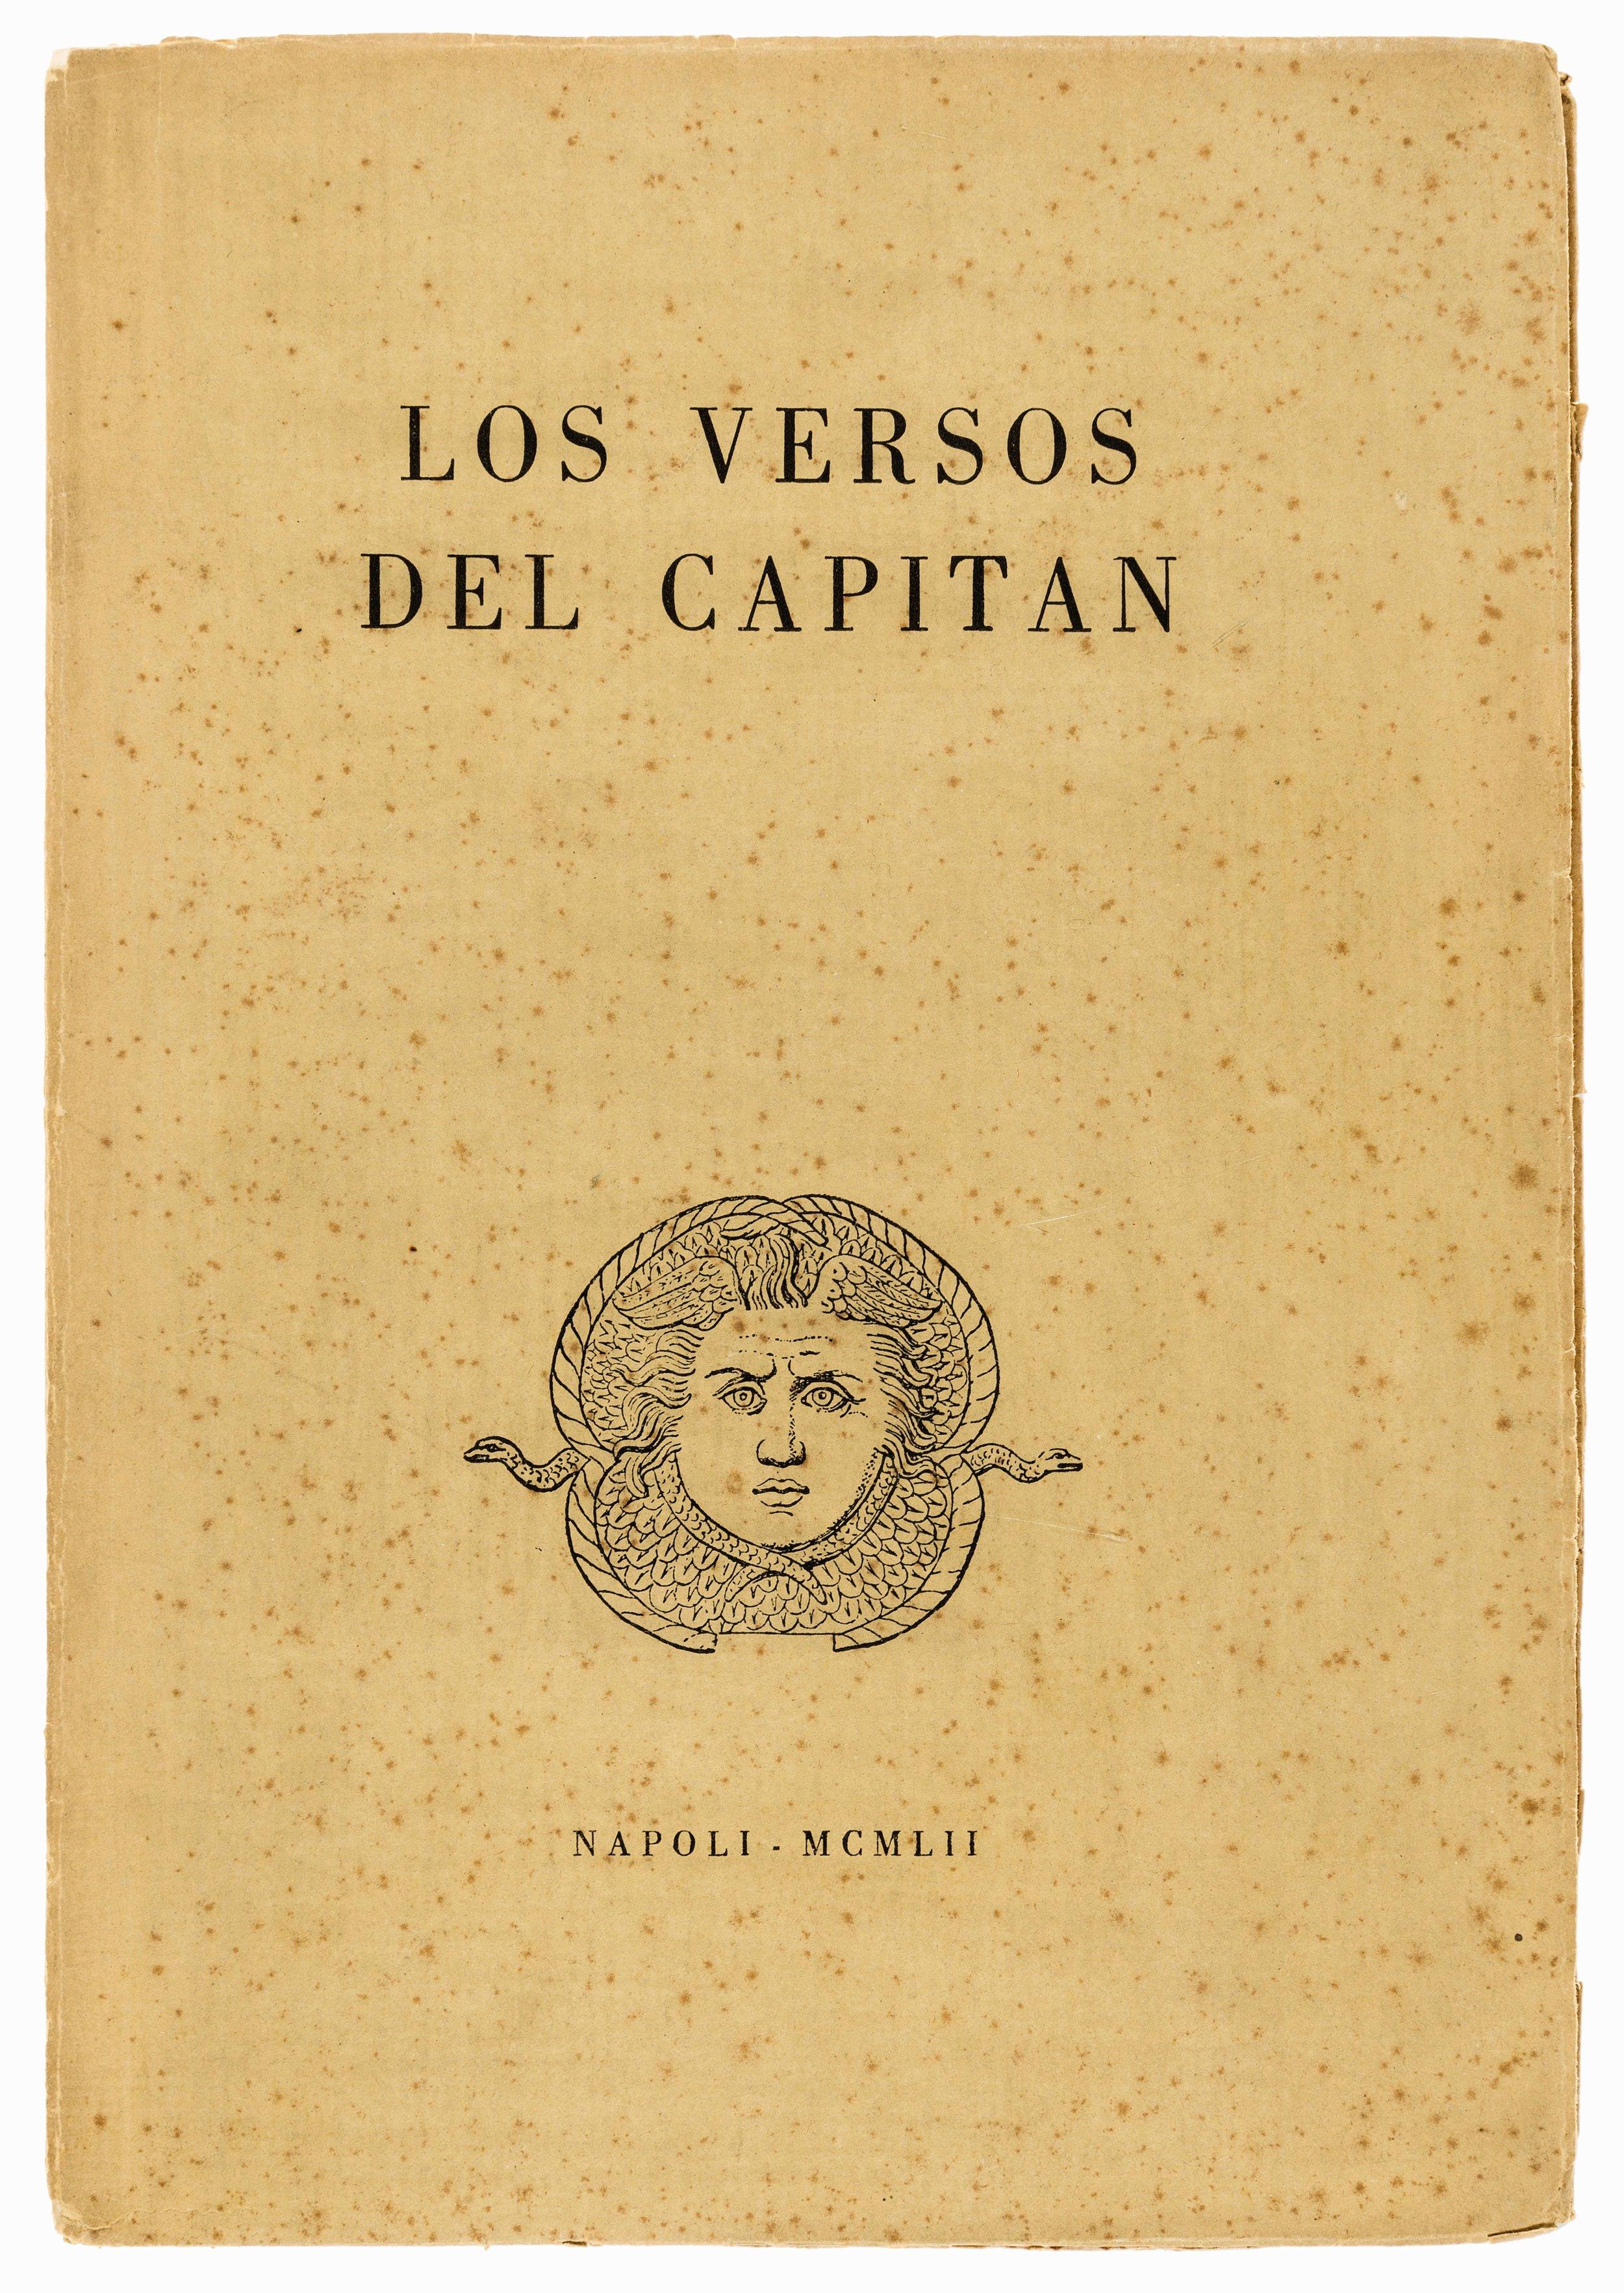 40. Neruda.jpg